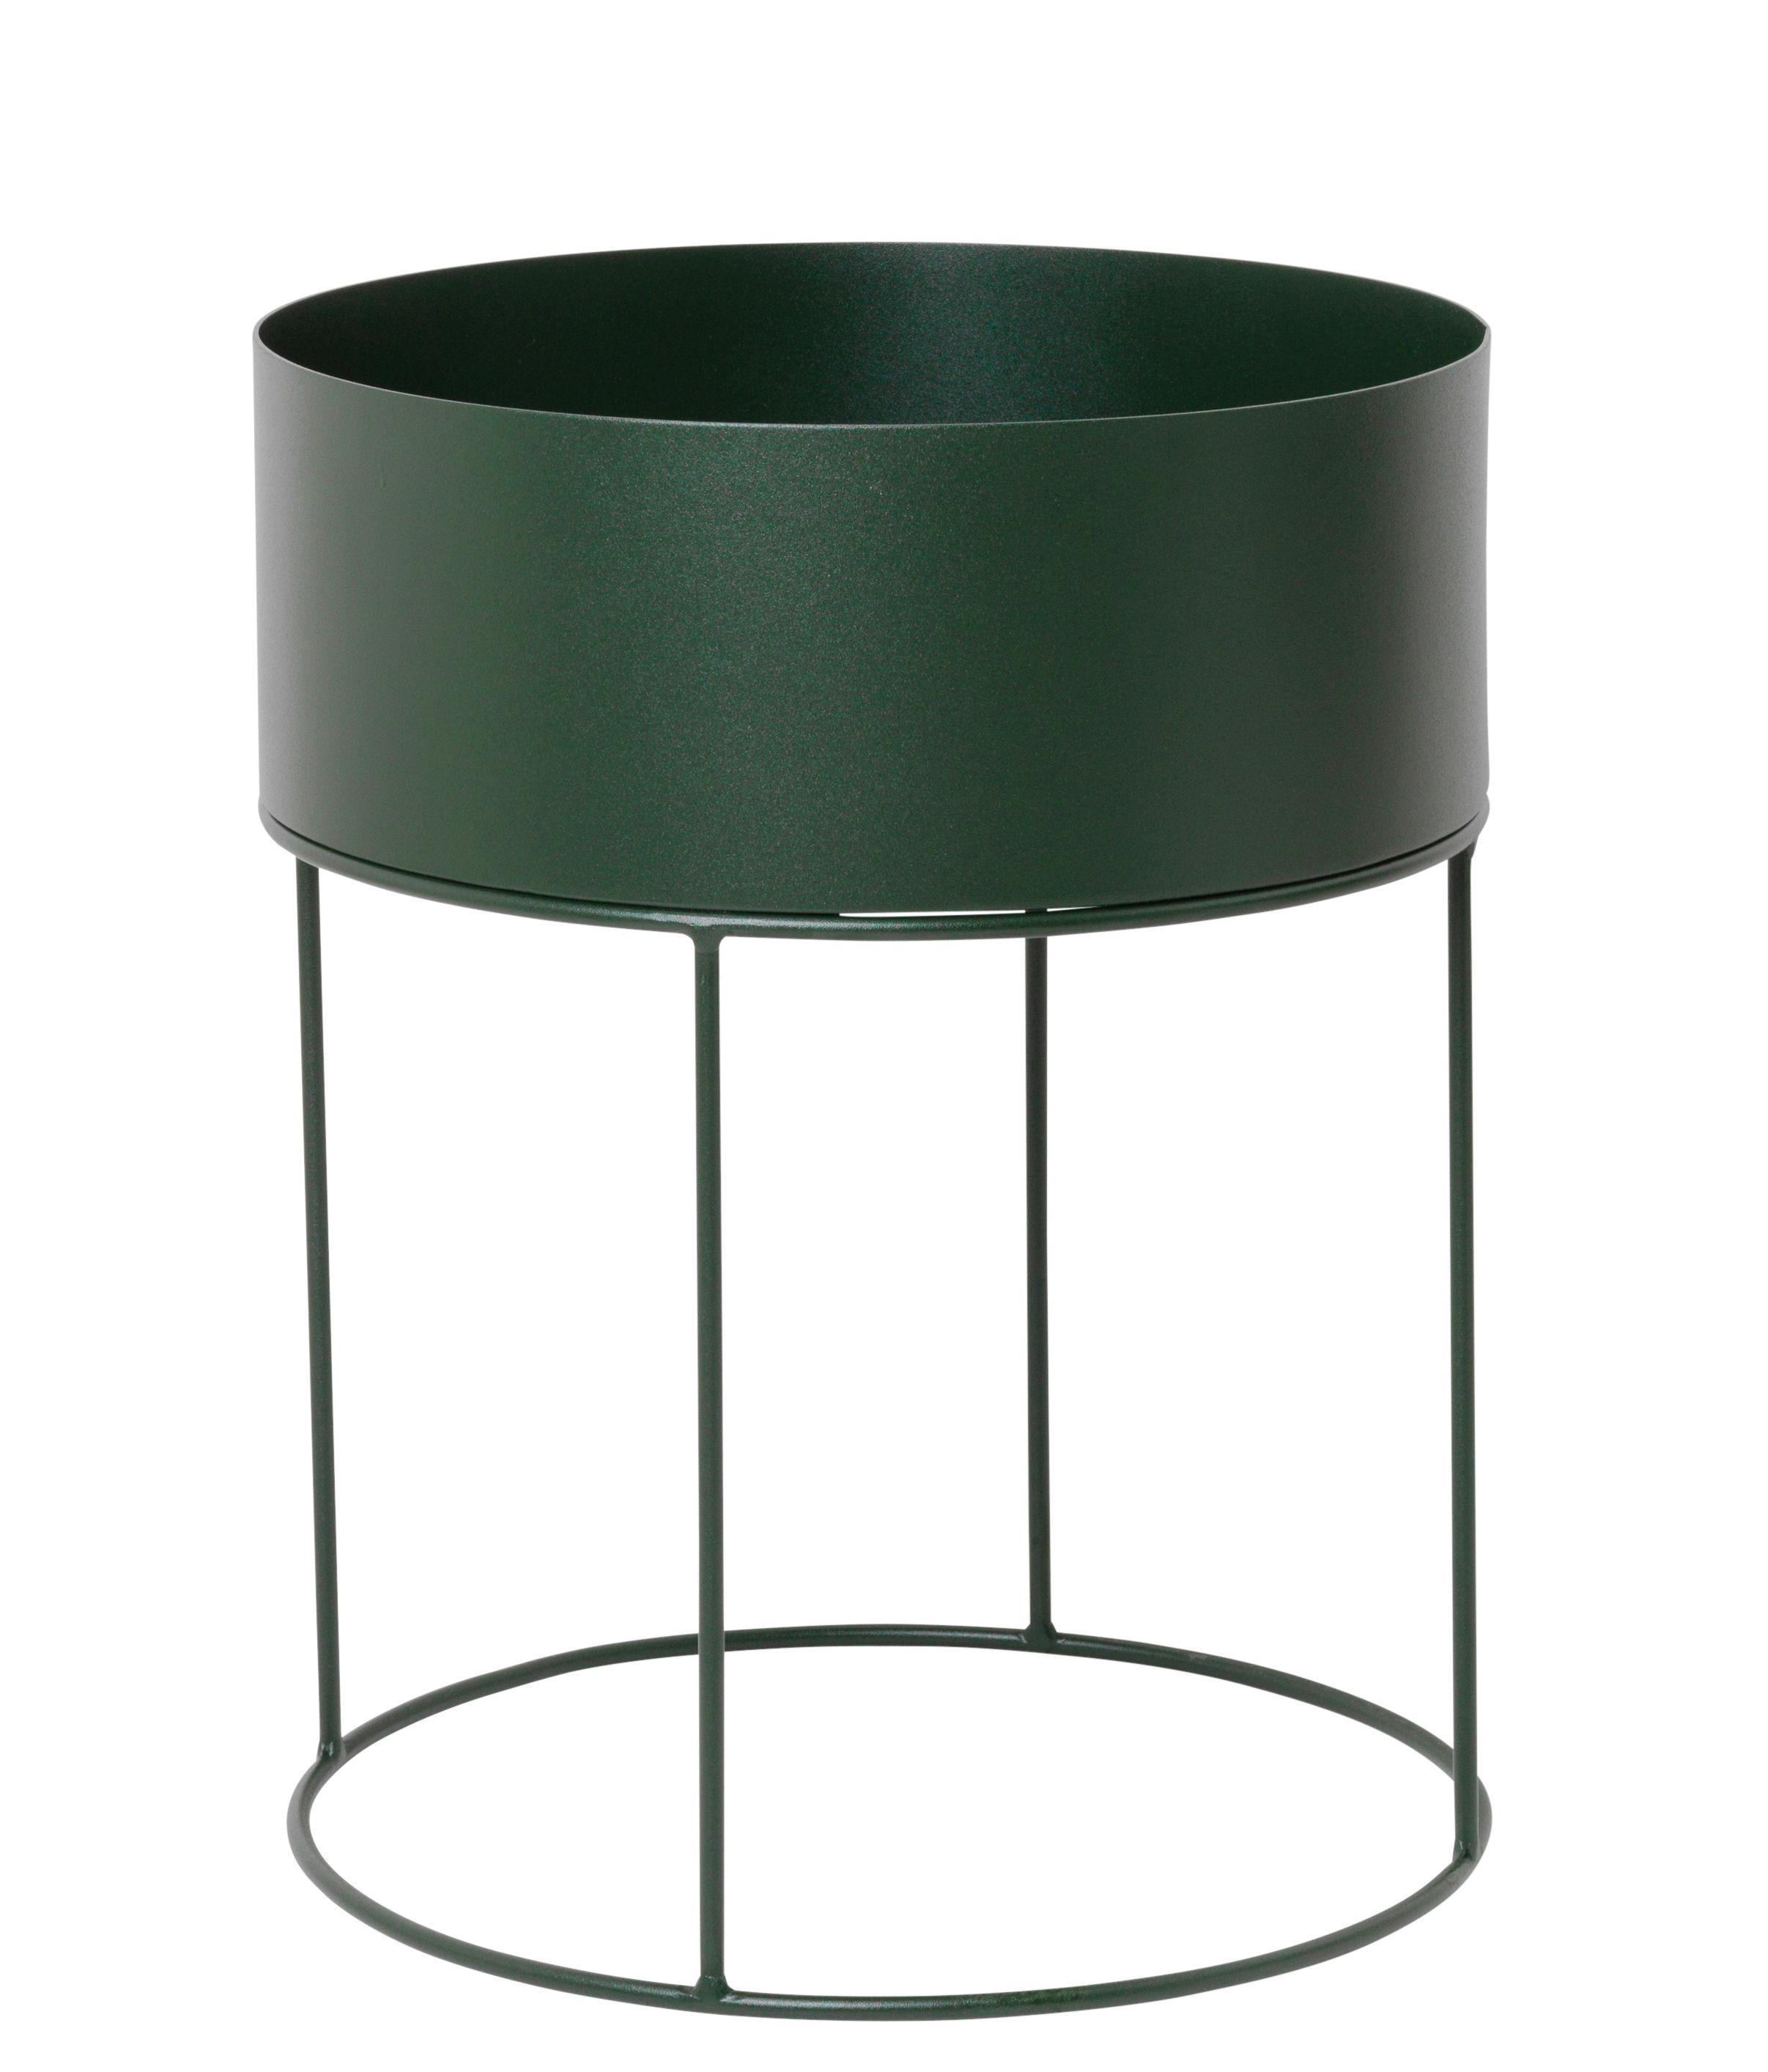 Interni - Vasi e Piante - Fioriera Plant Box Round - / Ø 40 x H 50 cm di Ferm Living - Verde scuro - Metallo rivestito in resina epossidica